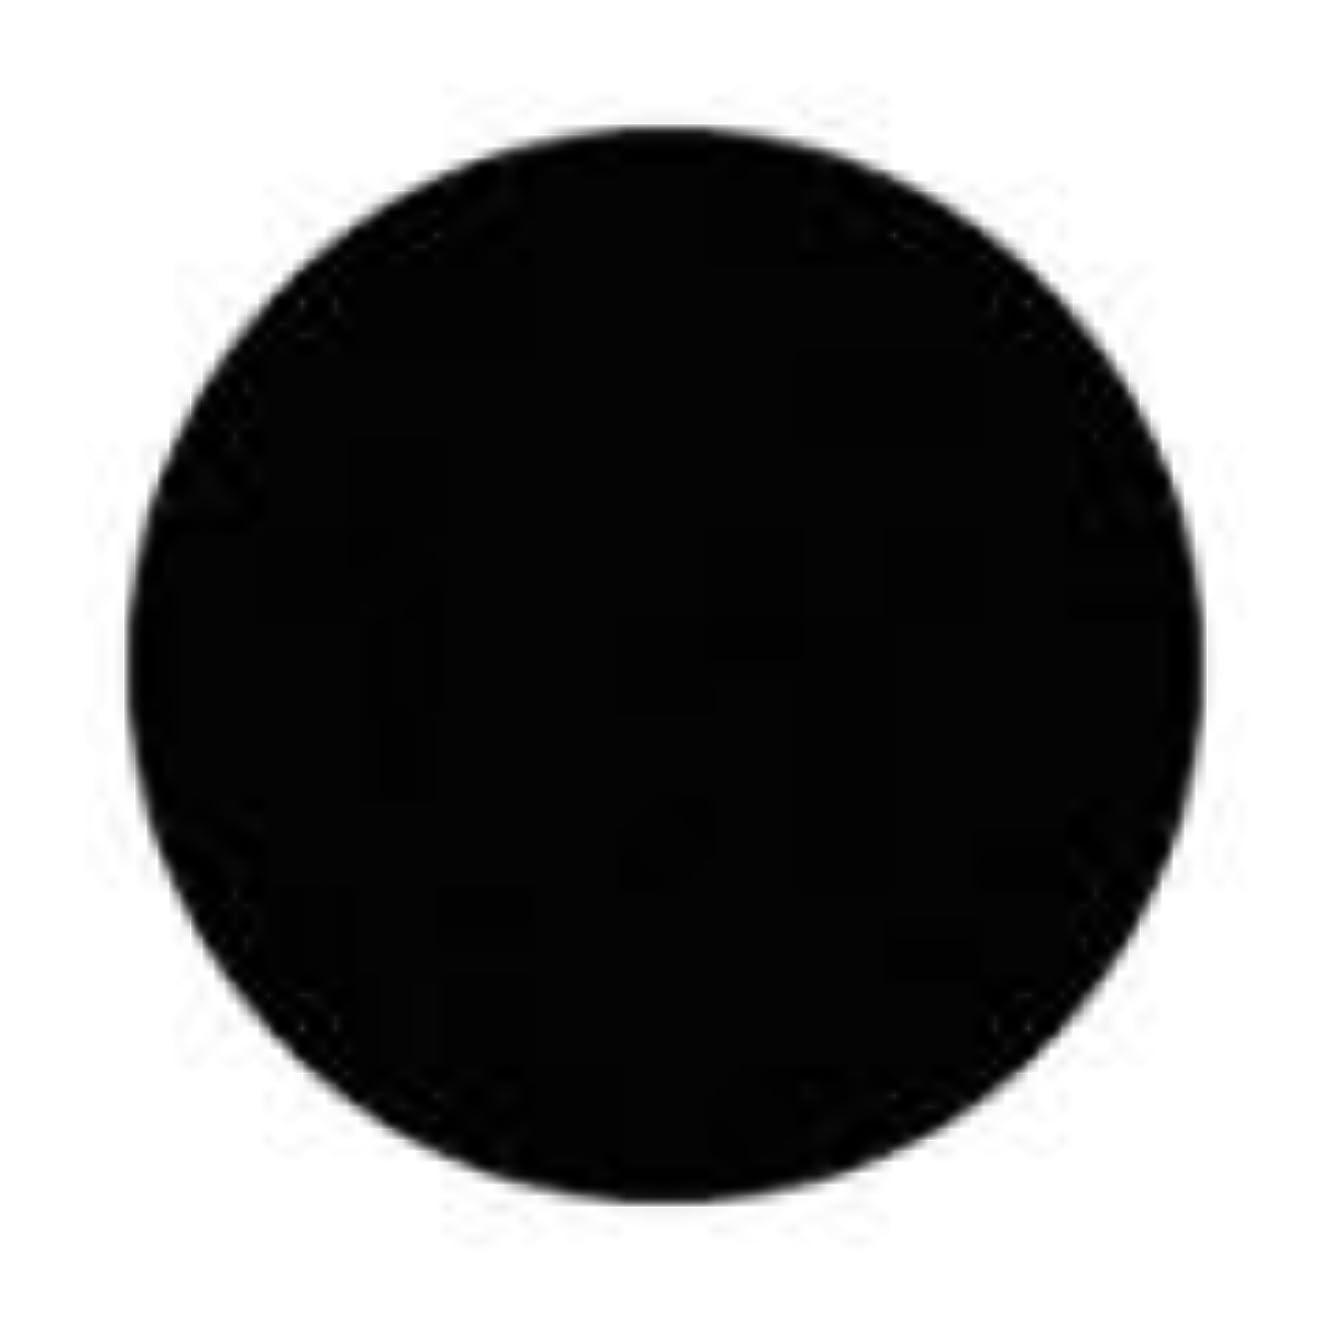 バズ入手します薄暗いJessica ジェレレーション カラー 15ml  712 サンセットブルーバード